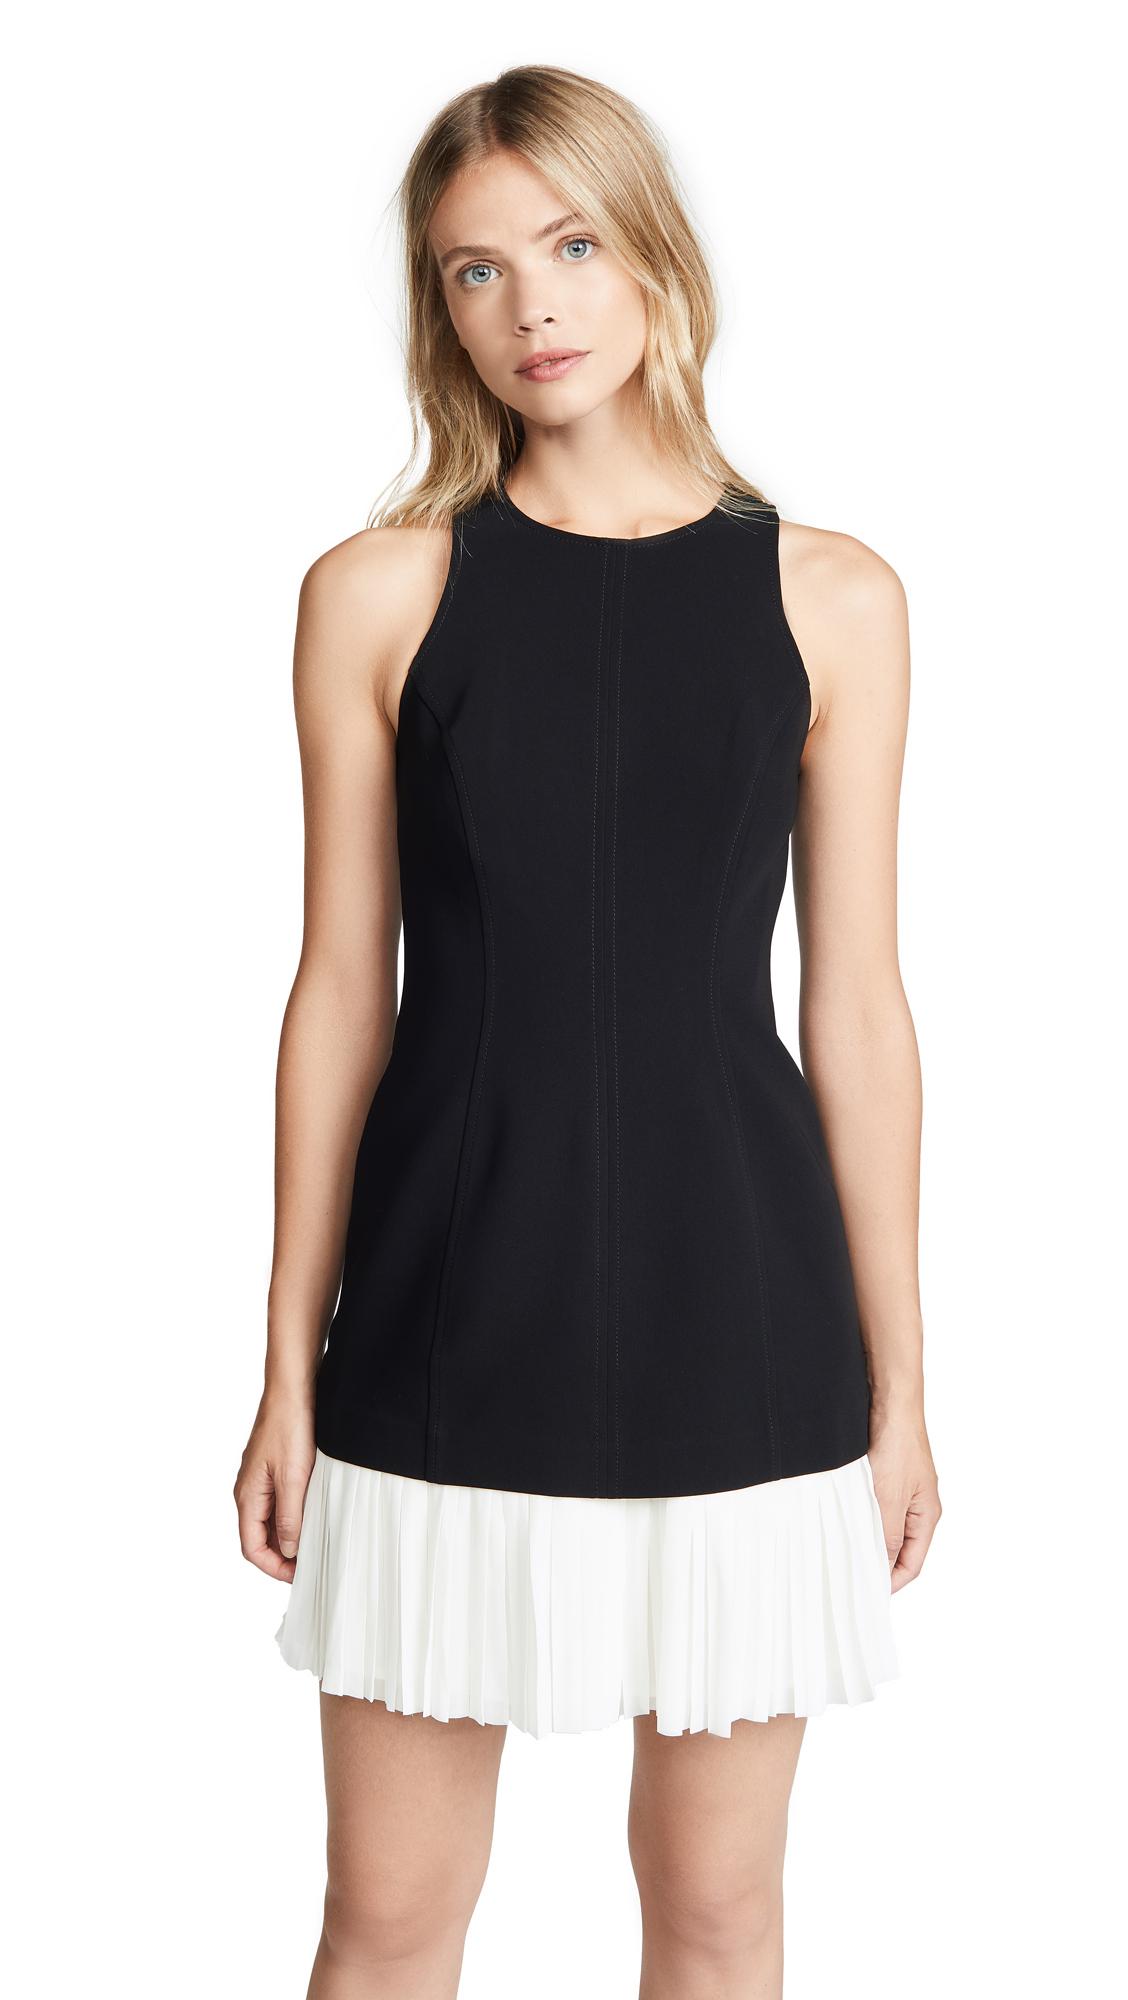 Cinq a Sept Catriona Dress - Black/Ivory